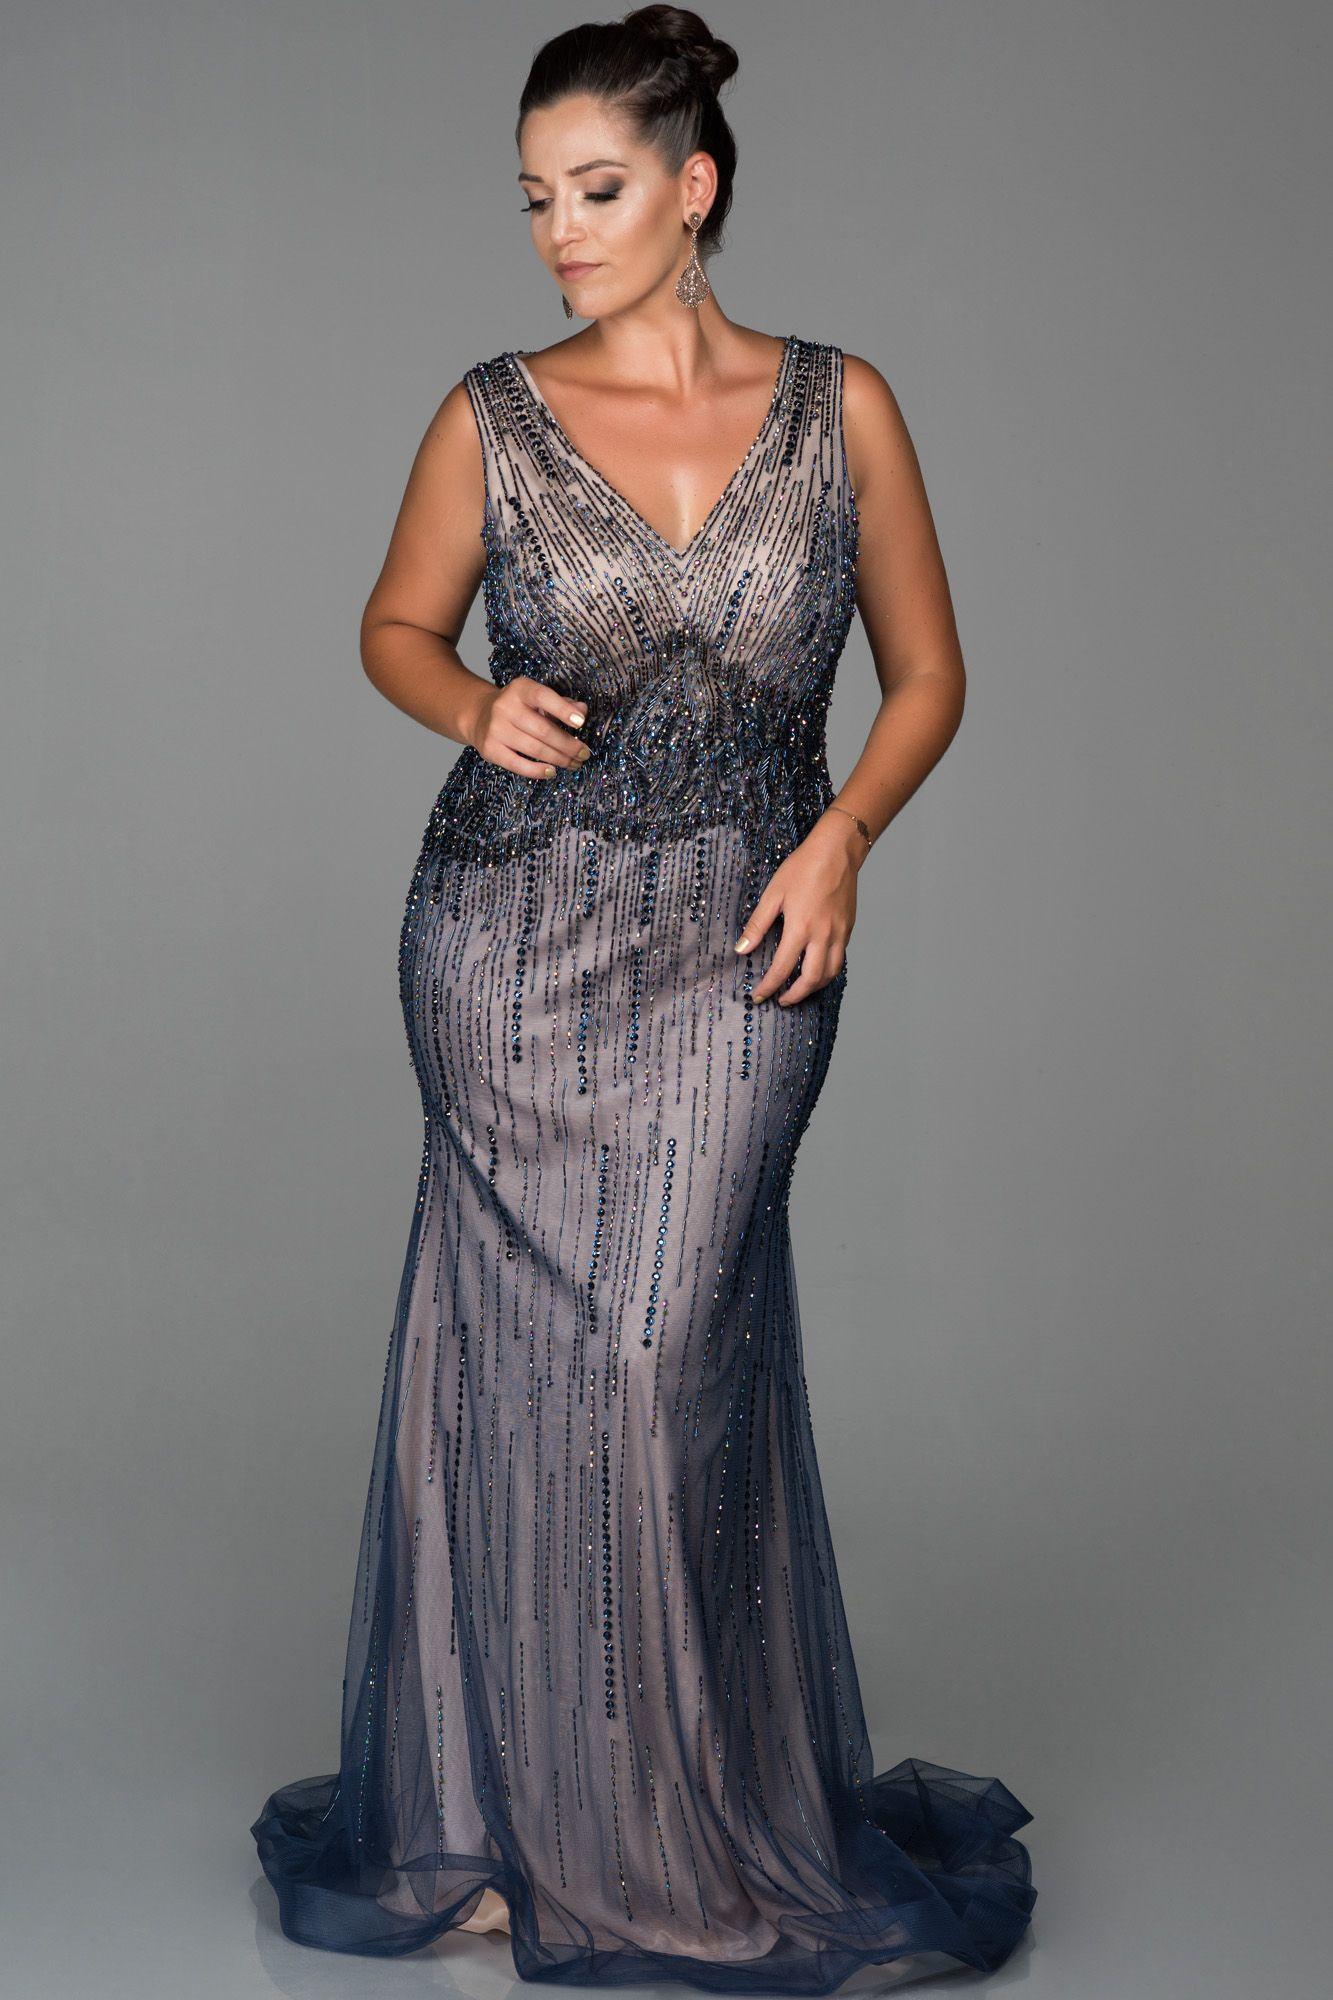 Lacivert Tasli V Yaka Buyuk Beden Abiye Abu242 Elbise Modelleri Elbise Moda Stilleri